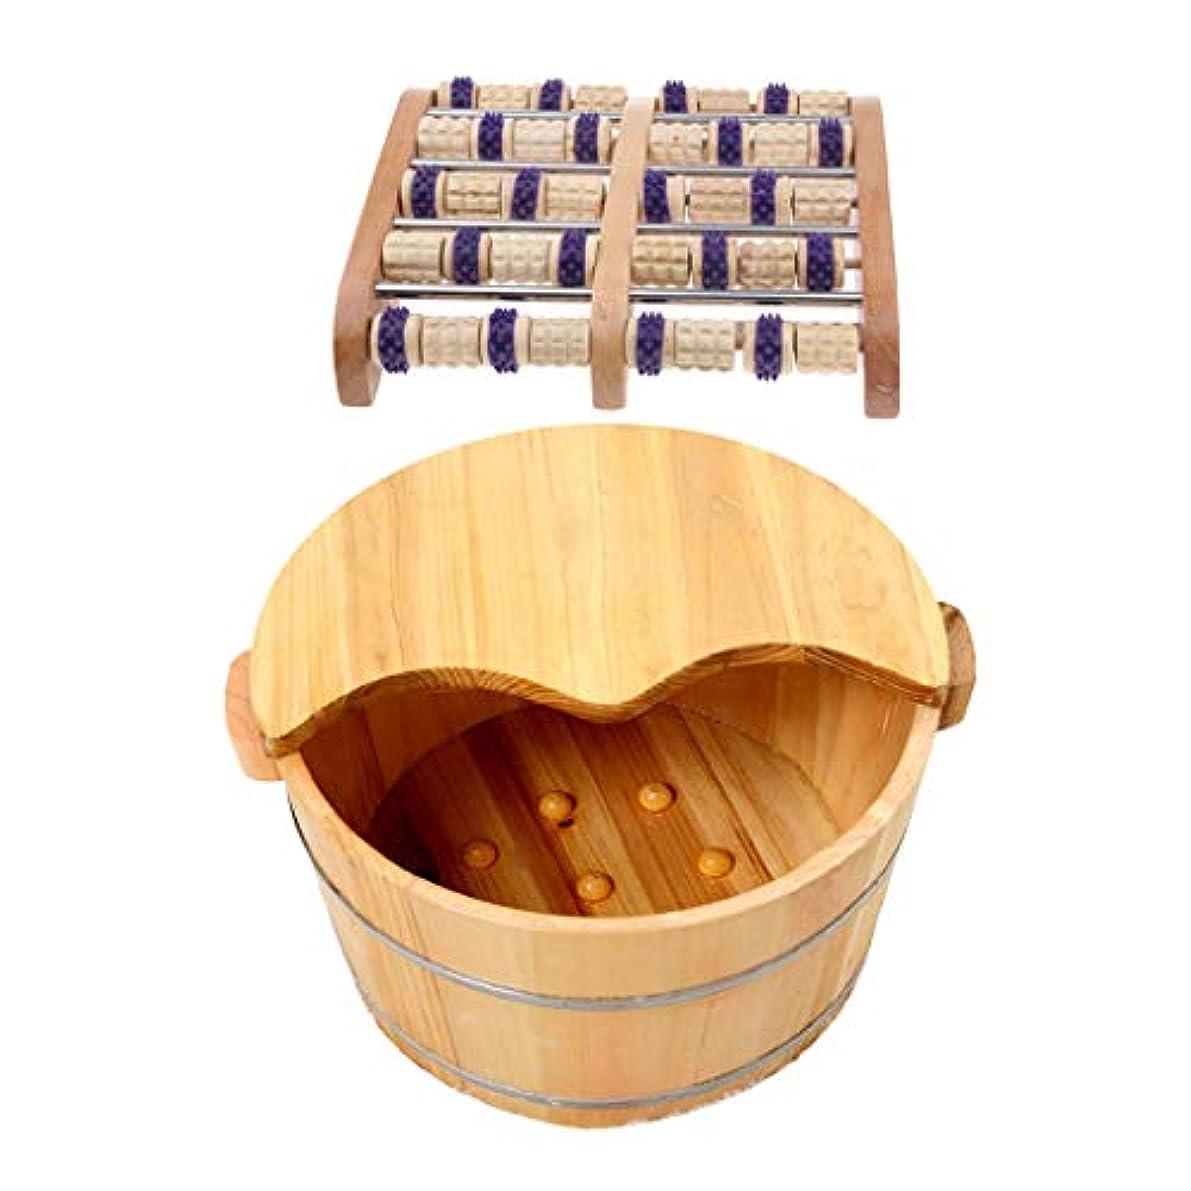 敏感な省略するデジタルFenteer 足つぼマッサージ 手作りウッドマッサー フット ローラー 足裏刺激 血行促進 木製の足の洗面台付き